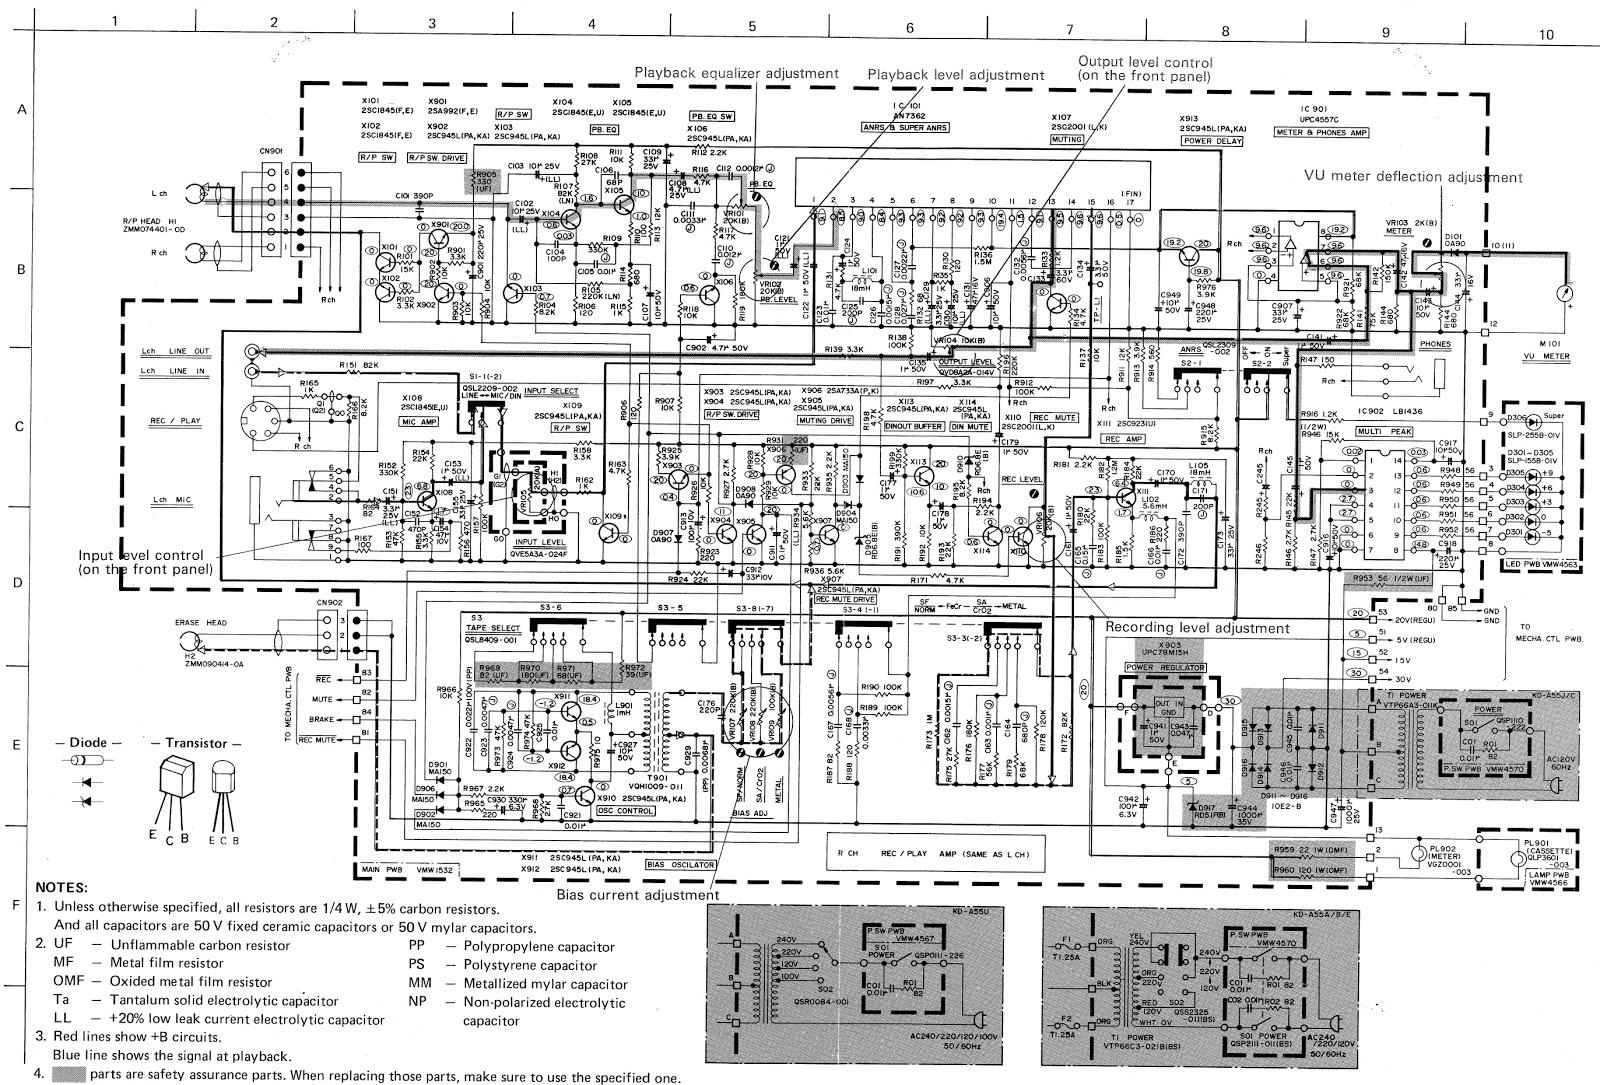 Atemberaubend Mf35 Schaltplan Bilder - Elektrische Schaltplan-Ideen ...